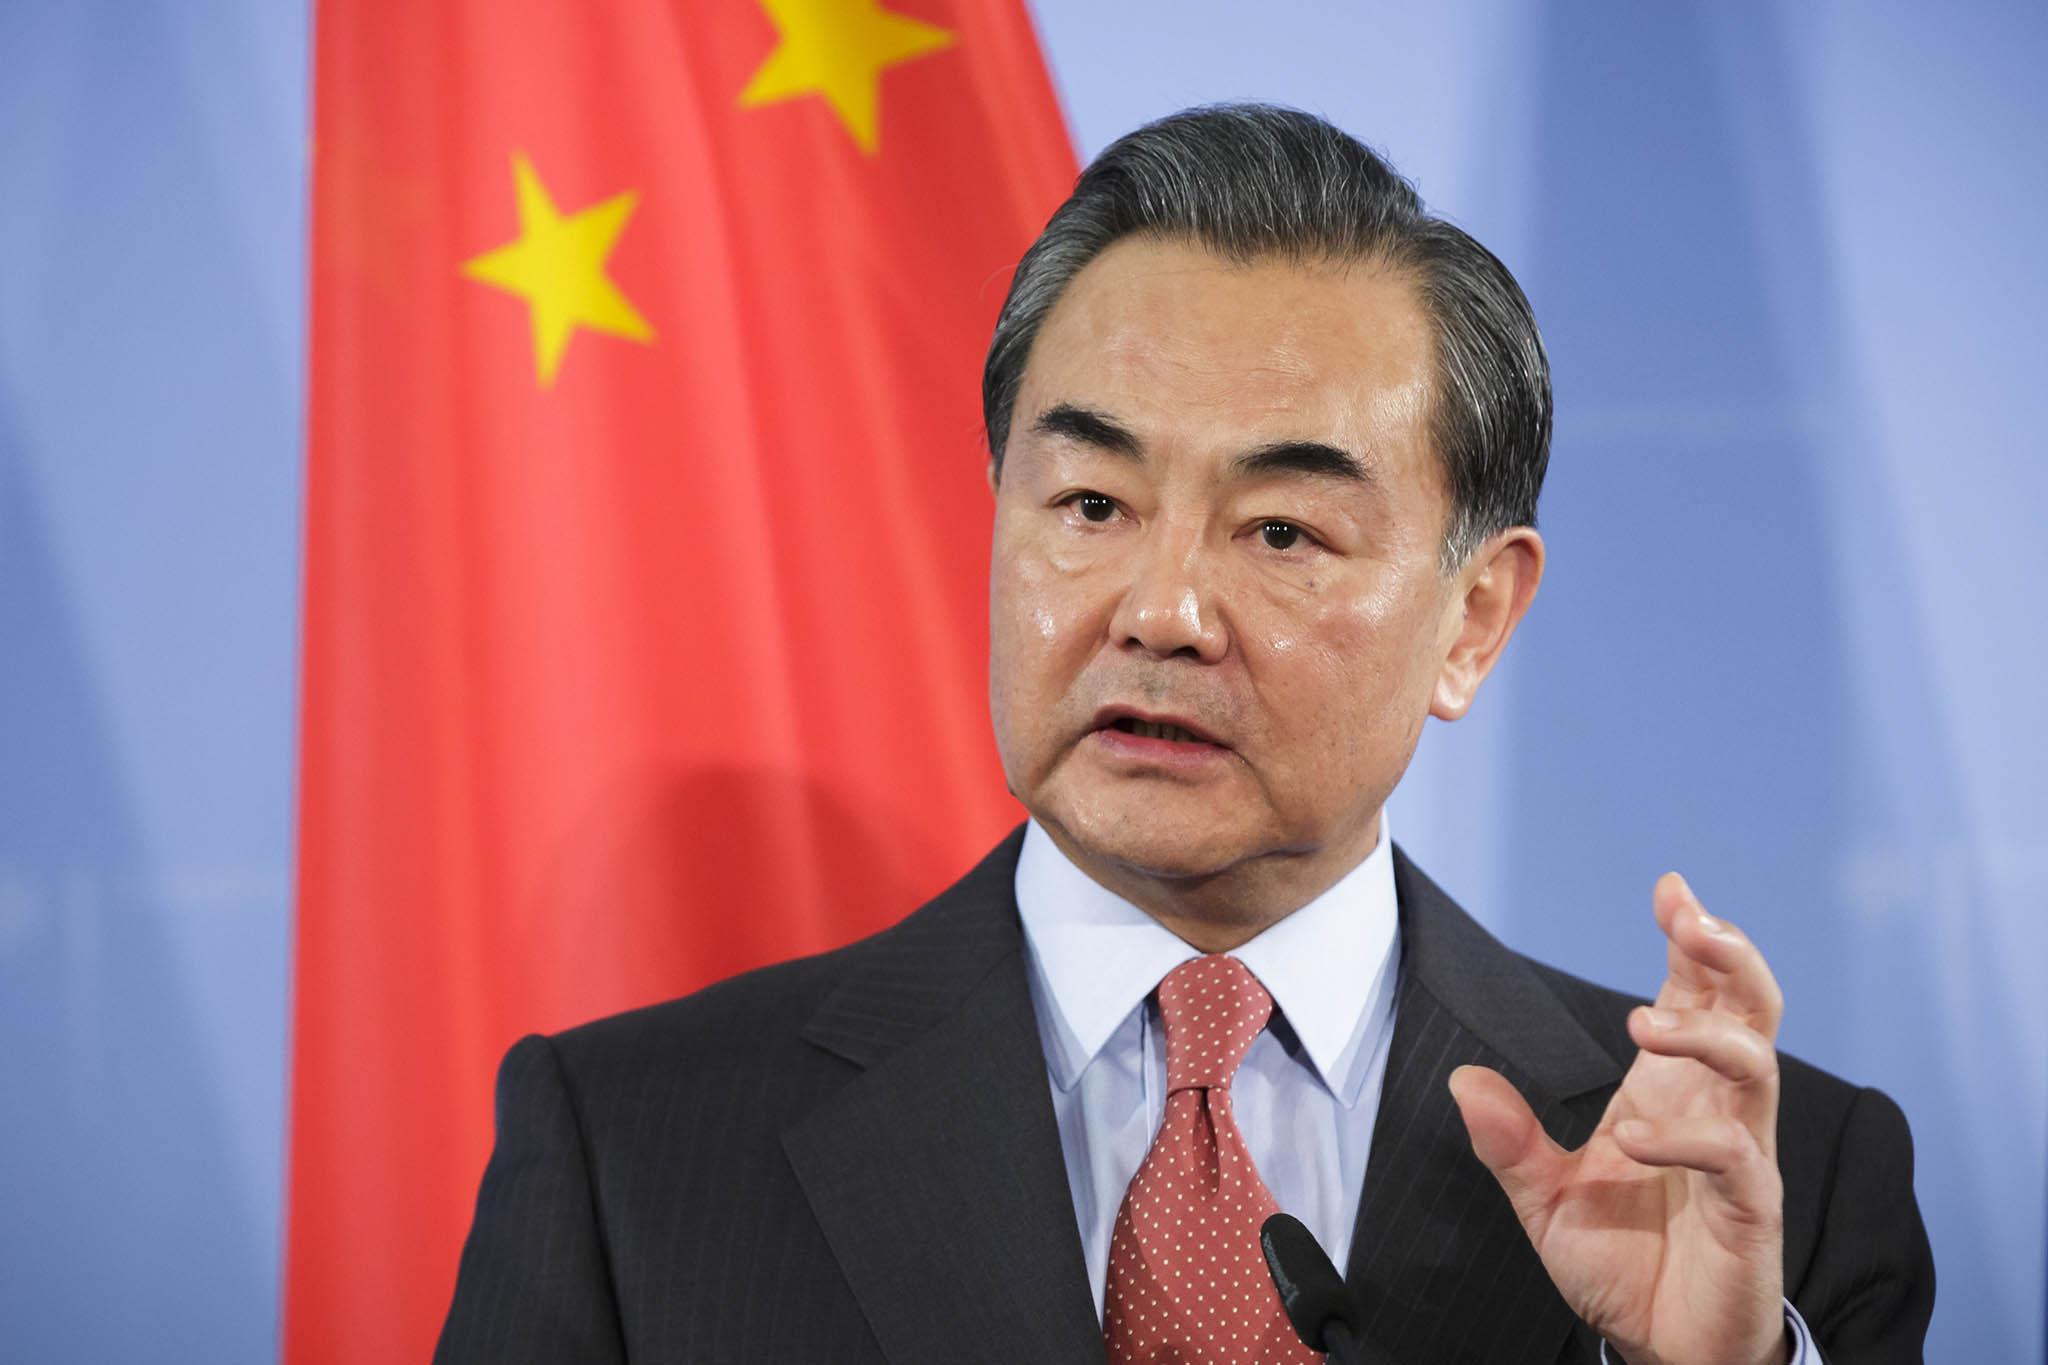 """MNE chinês sobre o futuro das relações com a administração Biden: """"Uma nova janela de esperança"""""""